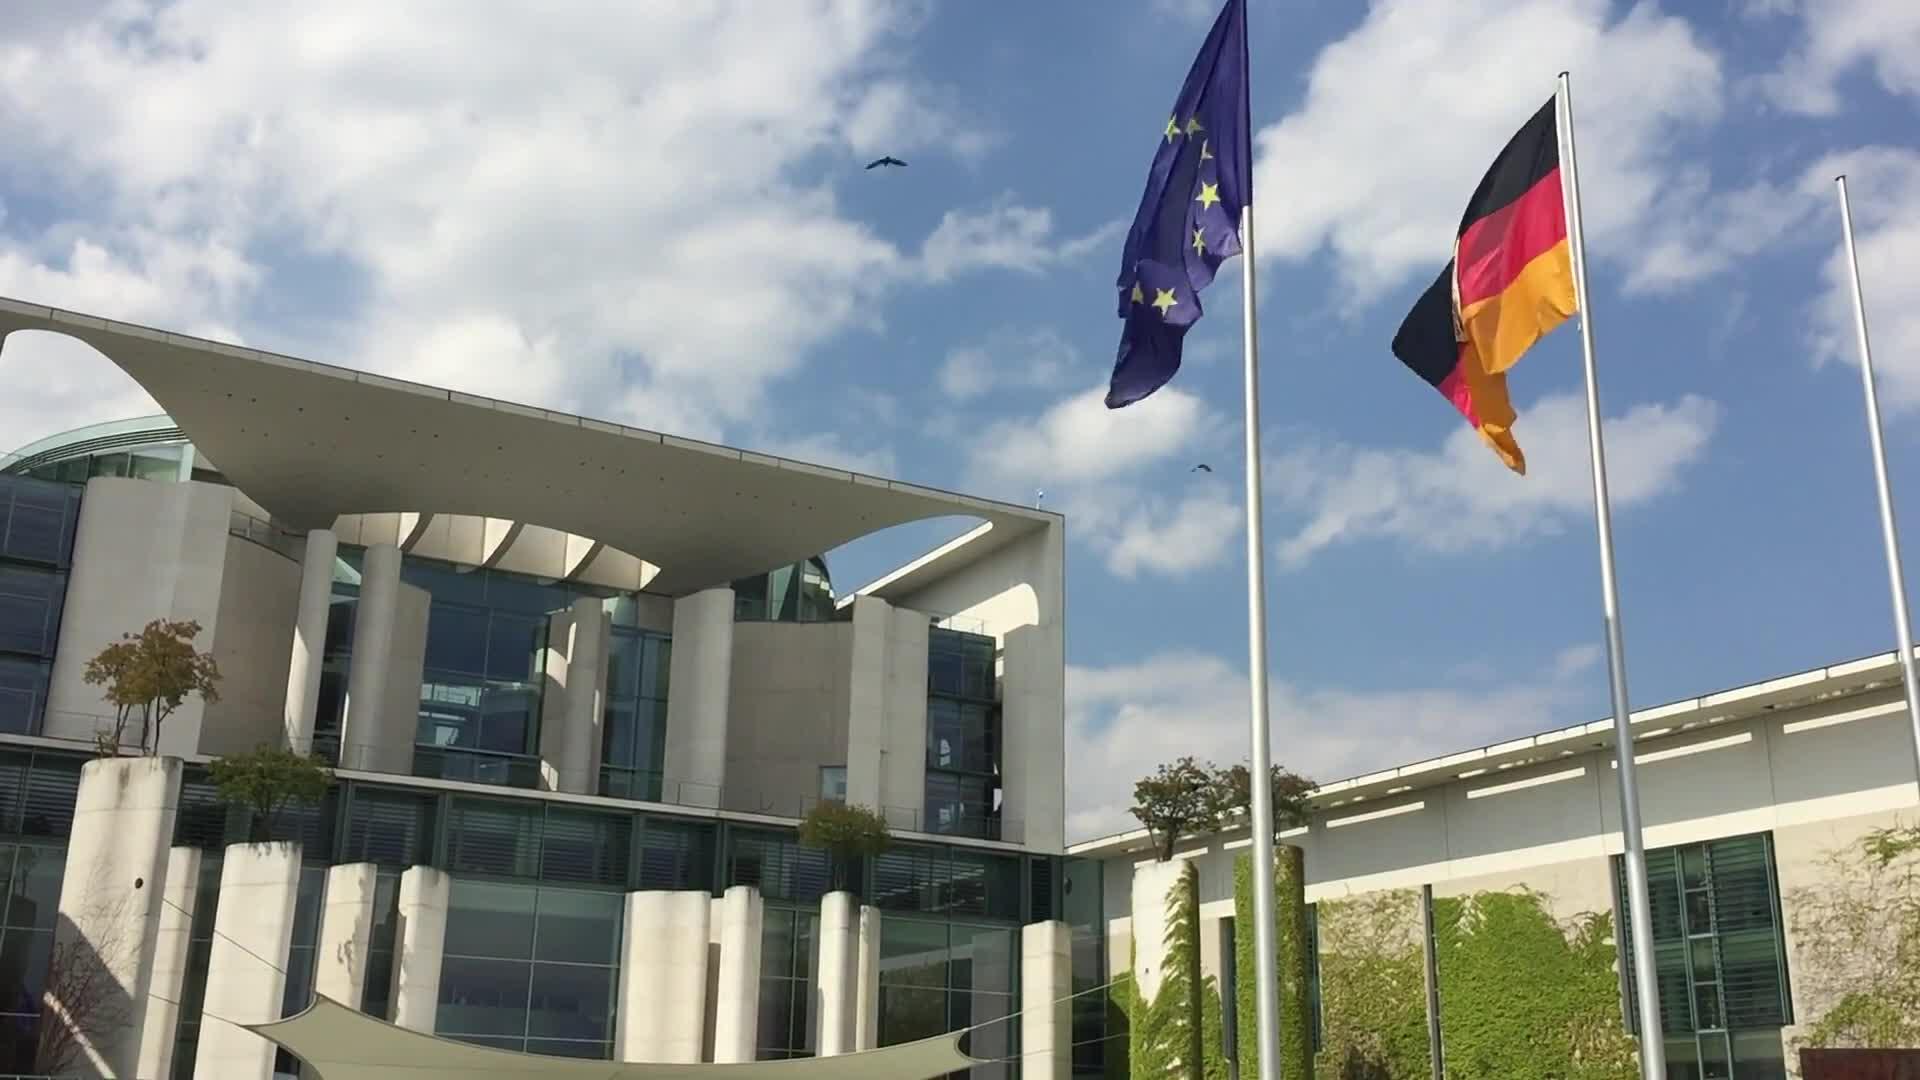 Le Cercle: Die geheimen Seilschaften hinter der CDU wollen Eurasien